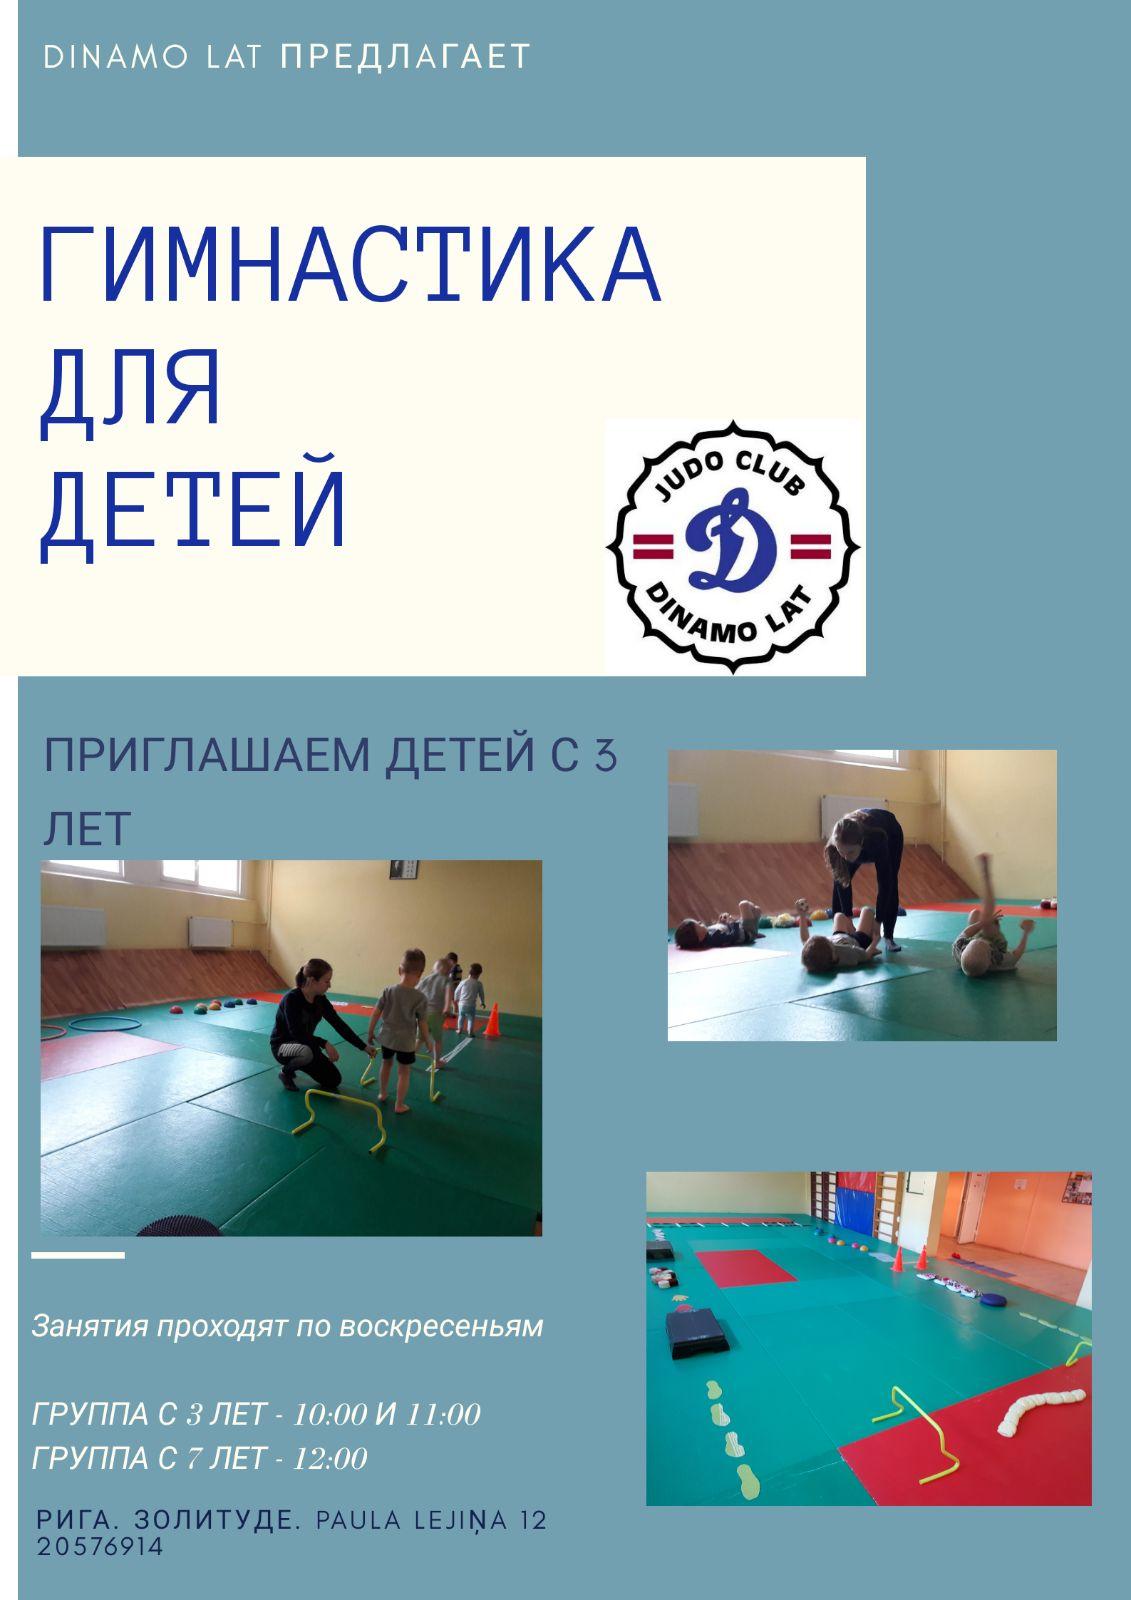 Гимнастика для детей с 3 лет